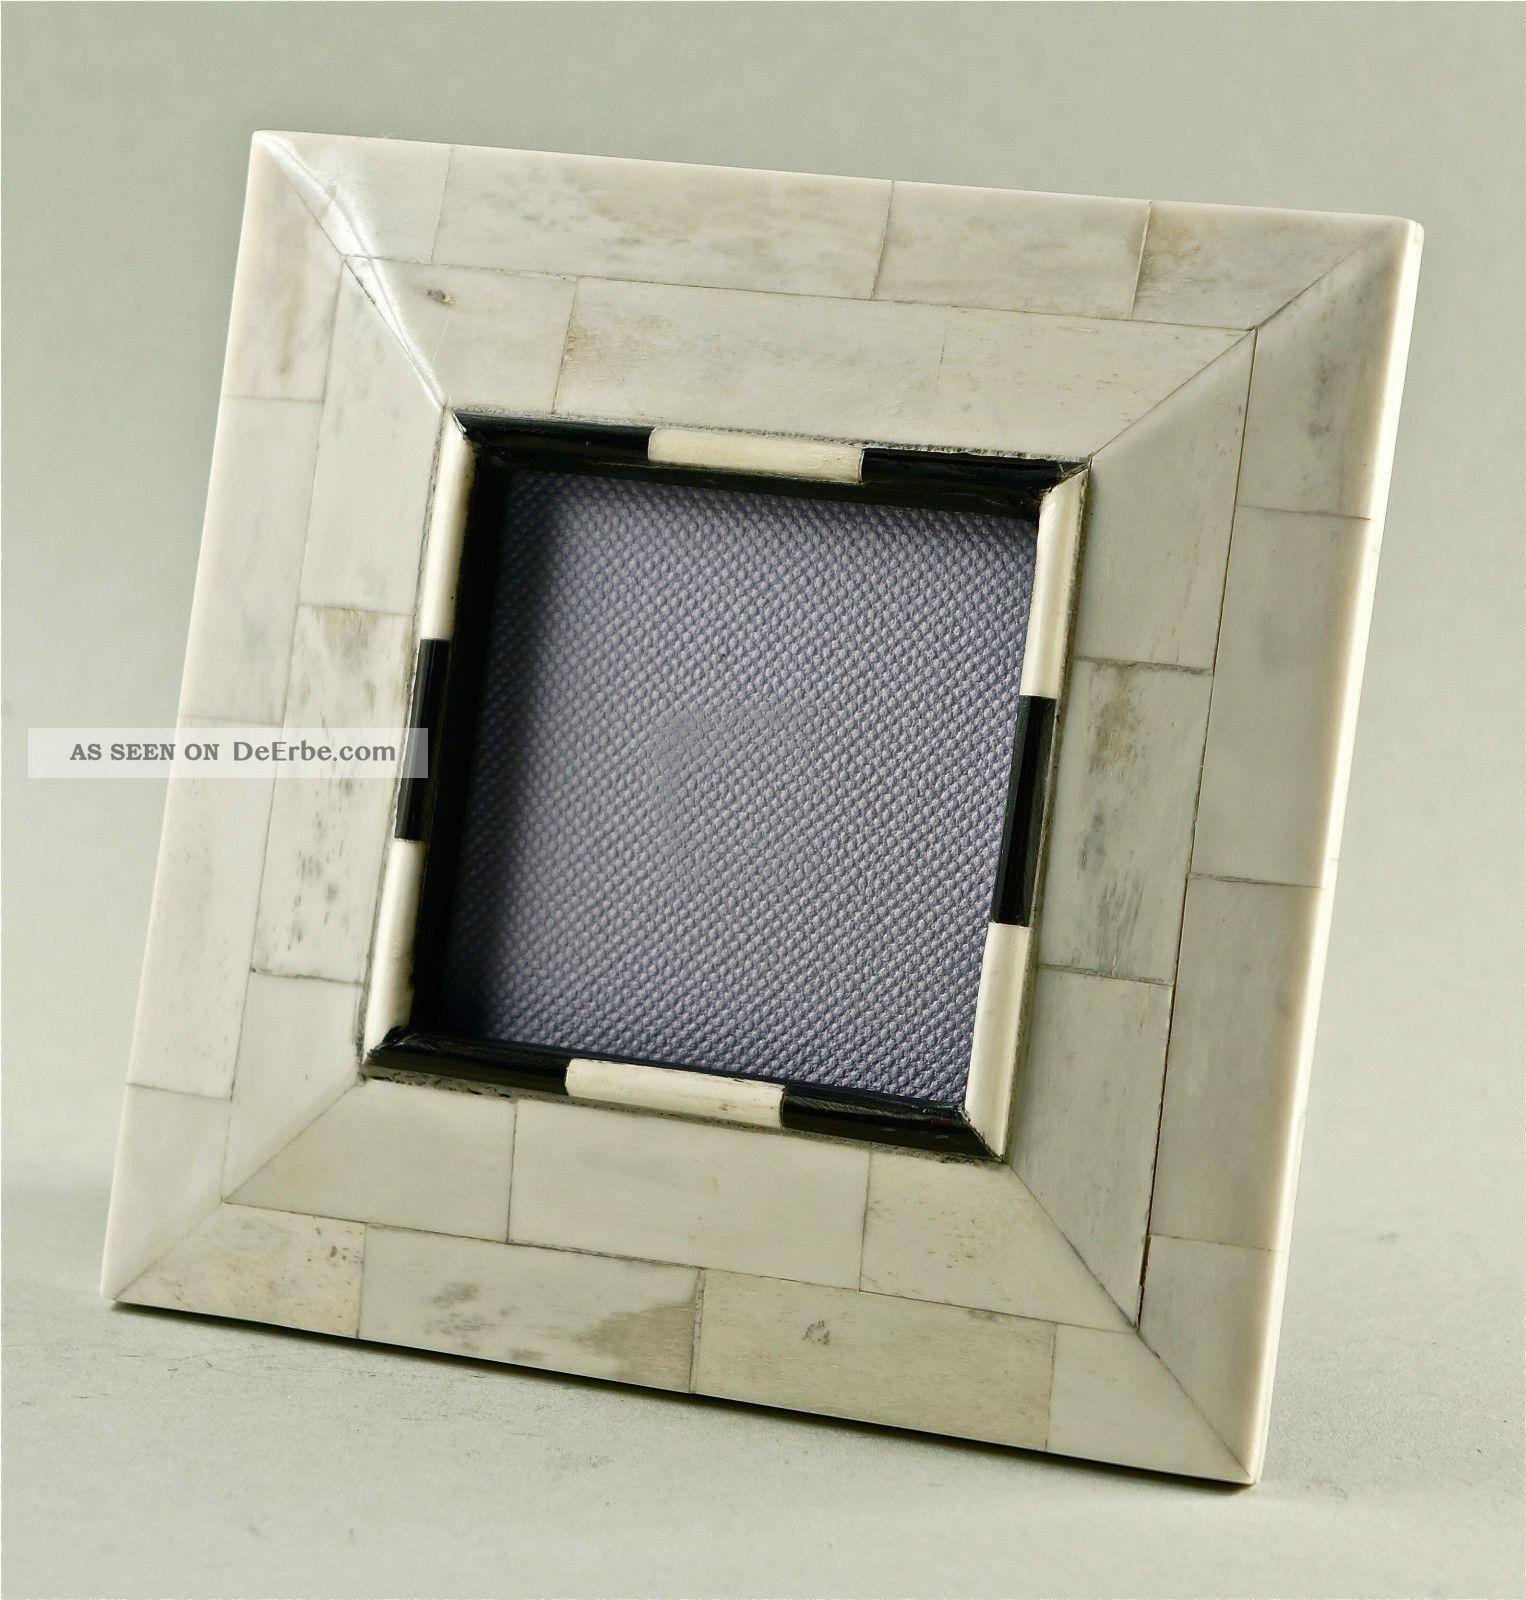 glas auf holz kleben plexiglas kleben detaillierte anleitung in 4 schritten glas mit. Black Bedroom Furniture Sets. Home Design Ideas